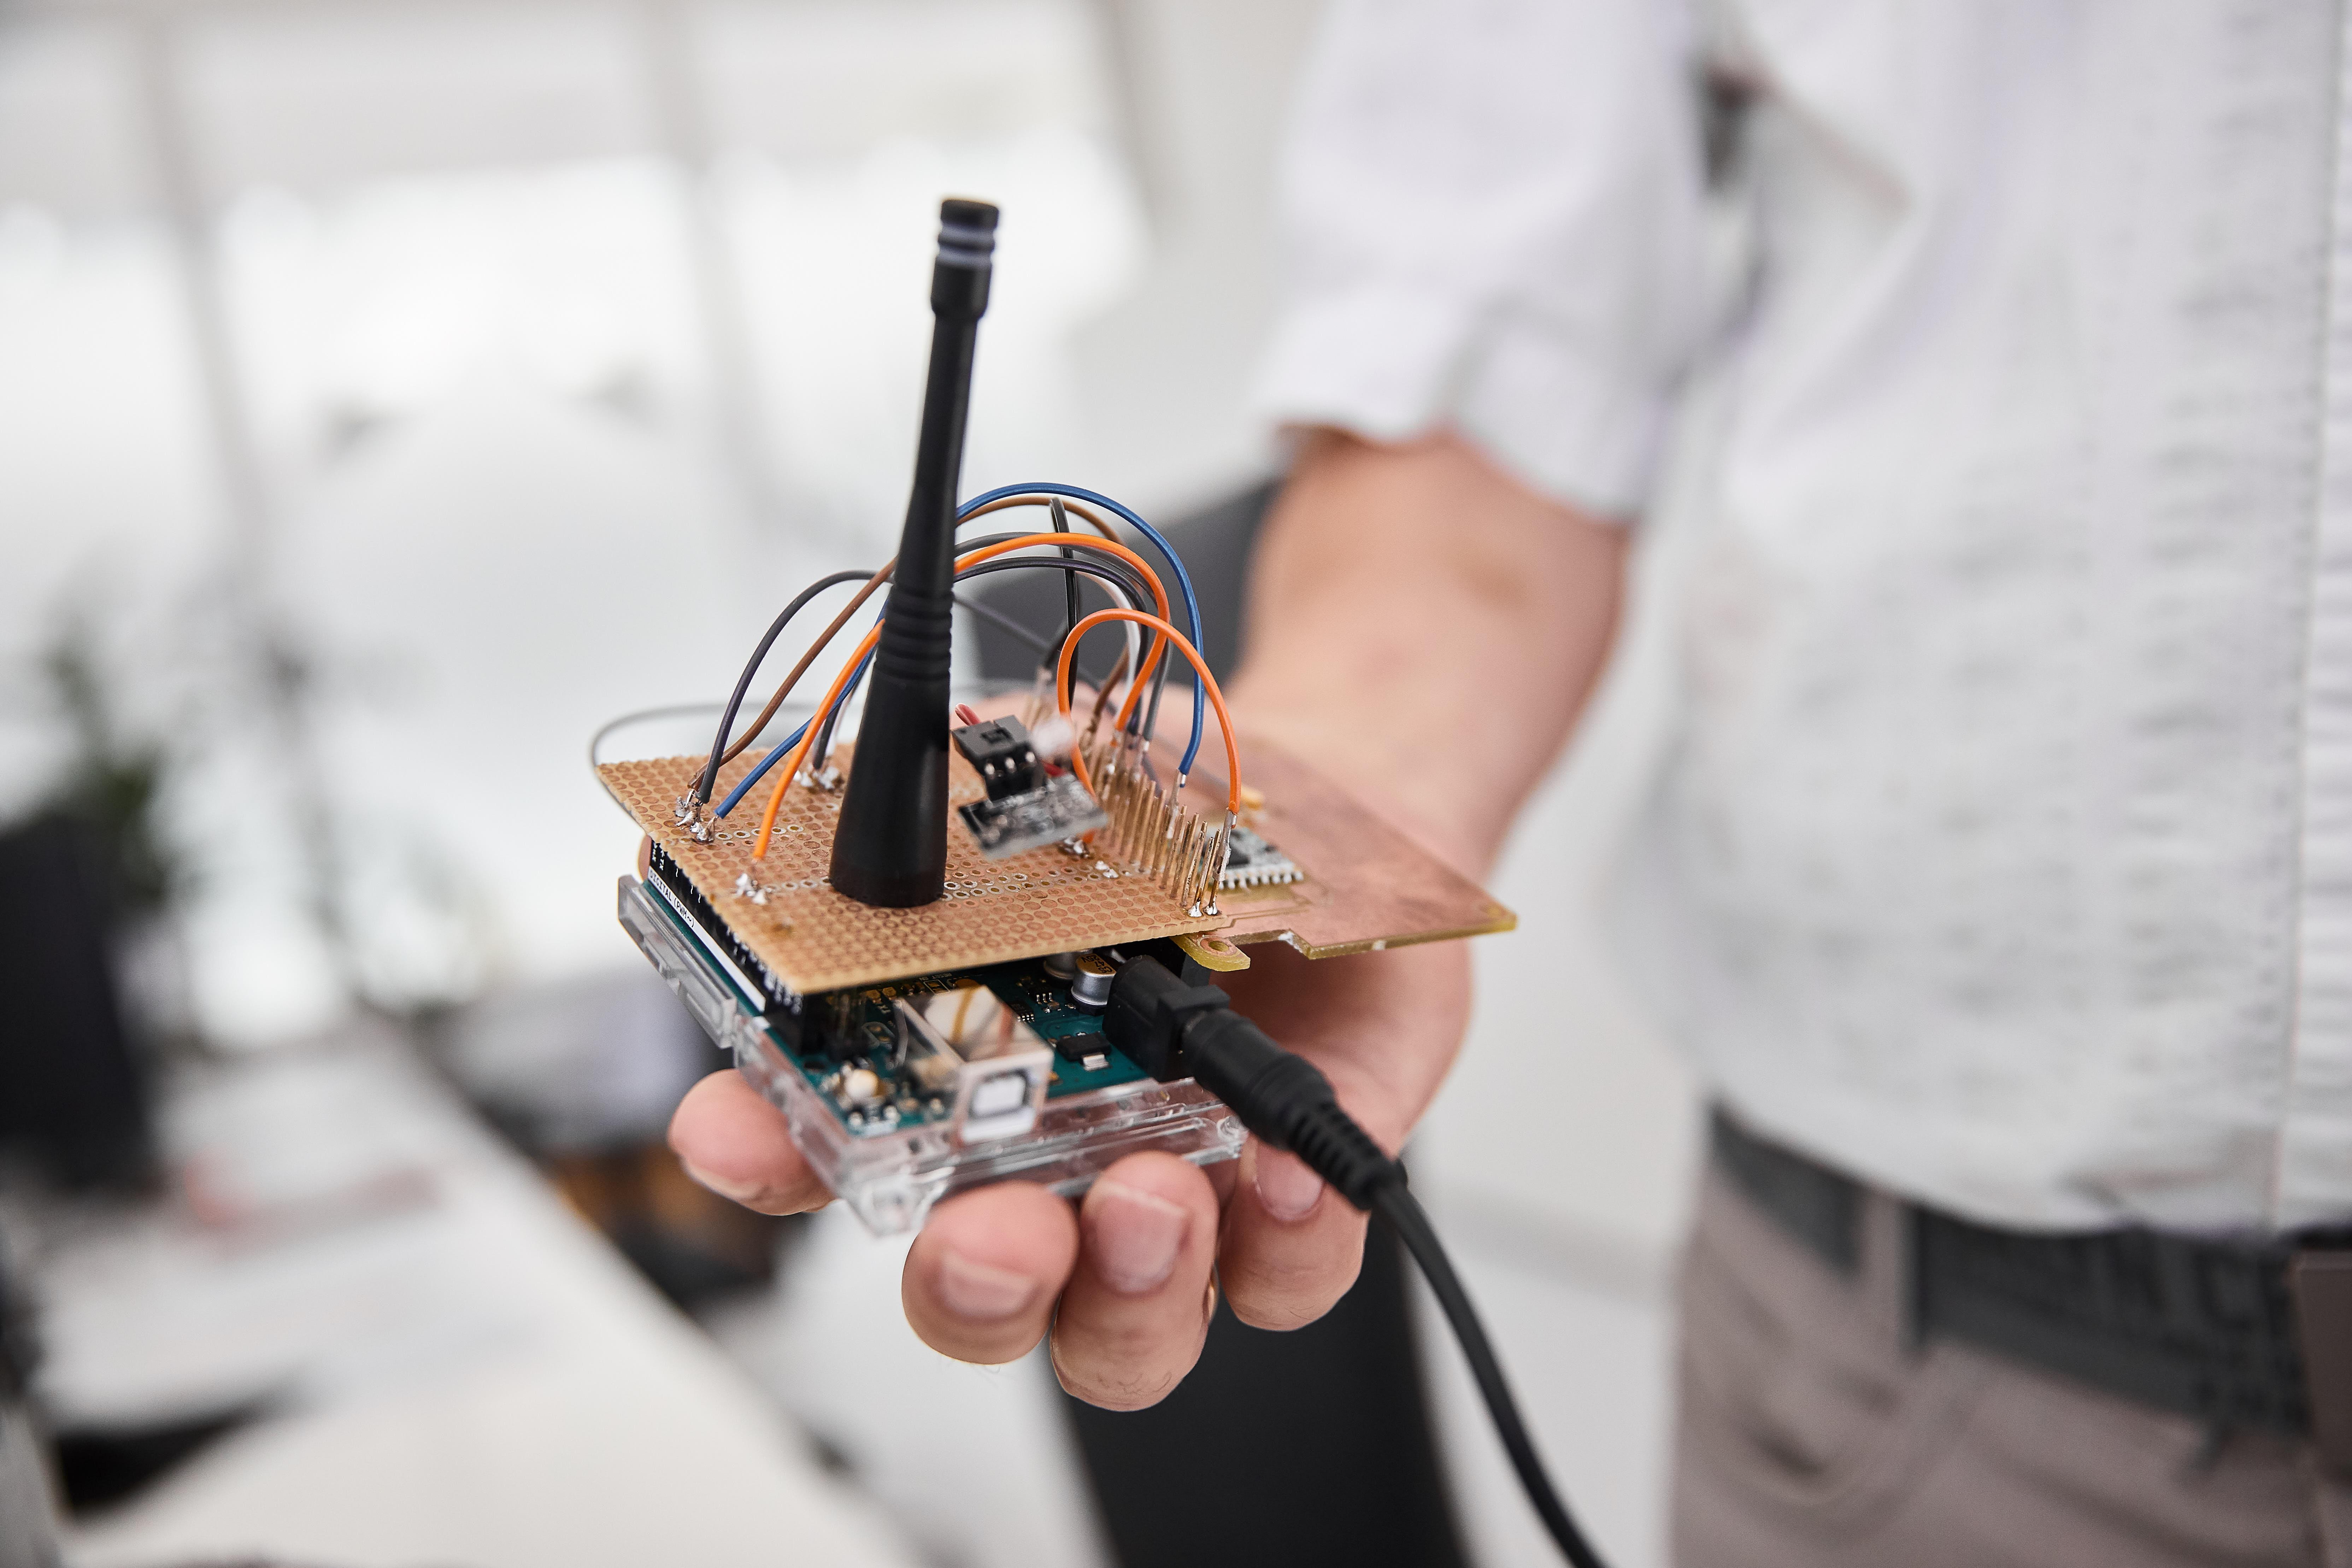 Sukurta technologija leidžia nustatyti tikslią žmonių ir daiktų buvimo vietą patalpose | KTU nuotr.